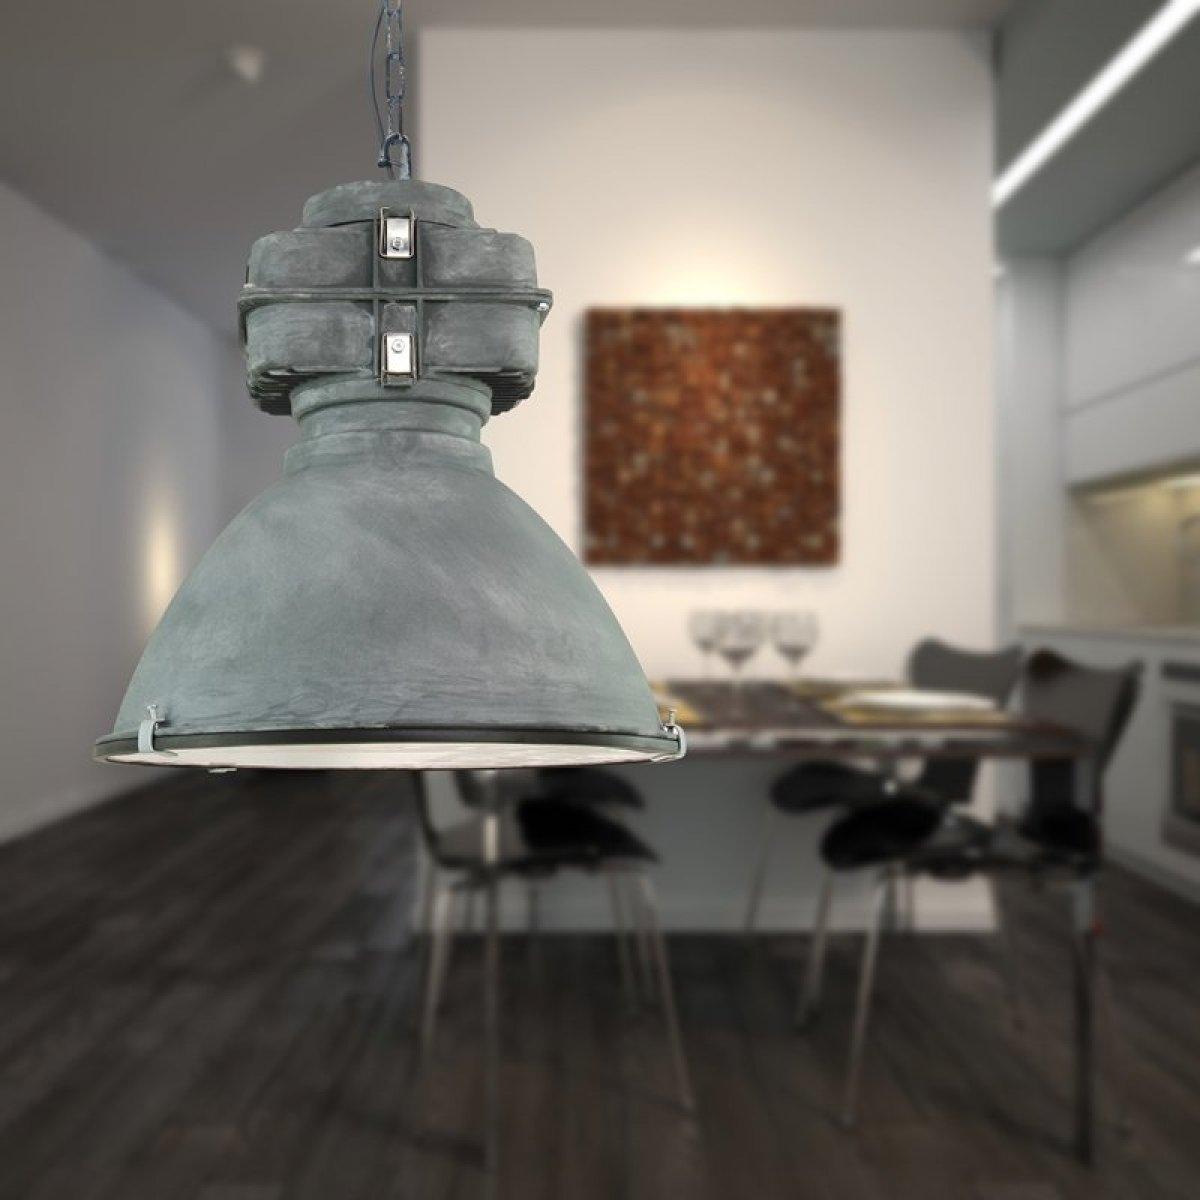 brilliant leuchten no 93444 70 pendelleuchte anouk 1 flammig grau antik eur 143 98. Black Bedroom Furniture Sets. Home Design Ideas